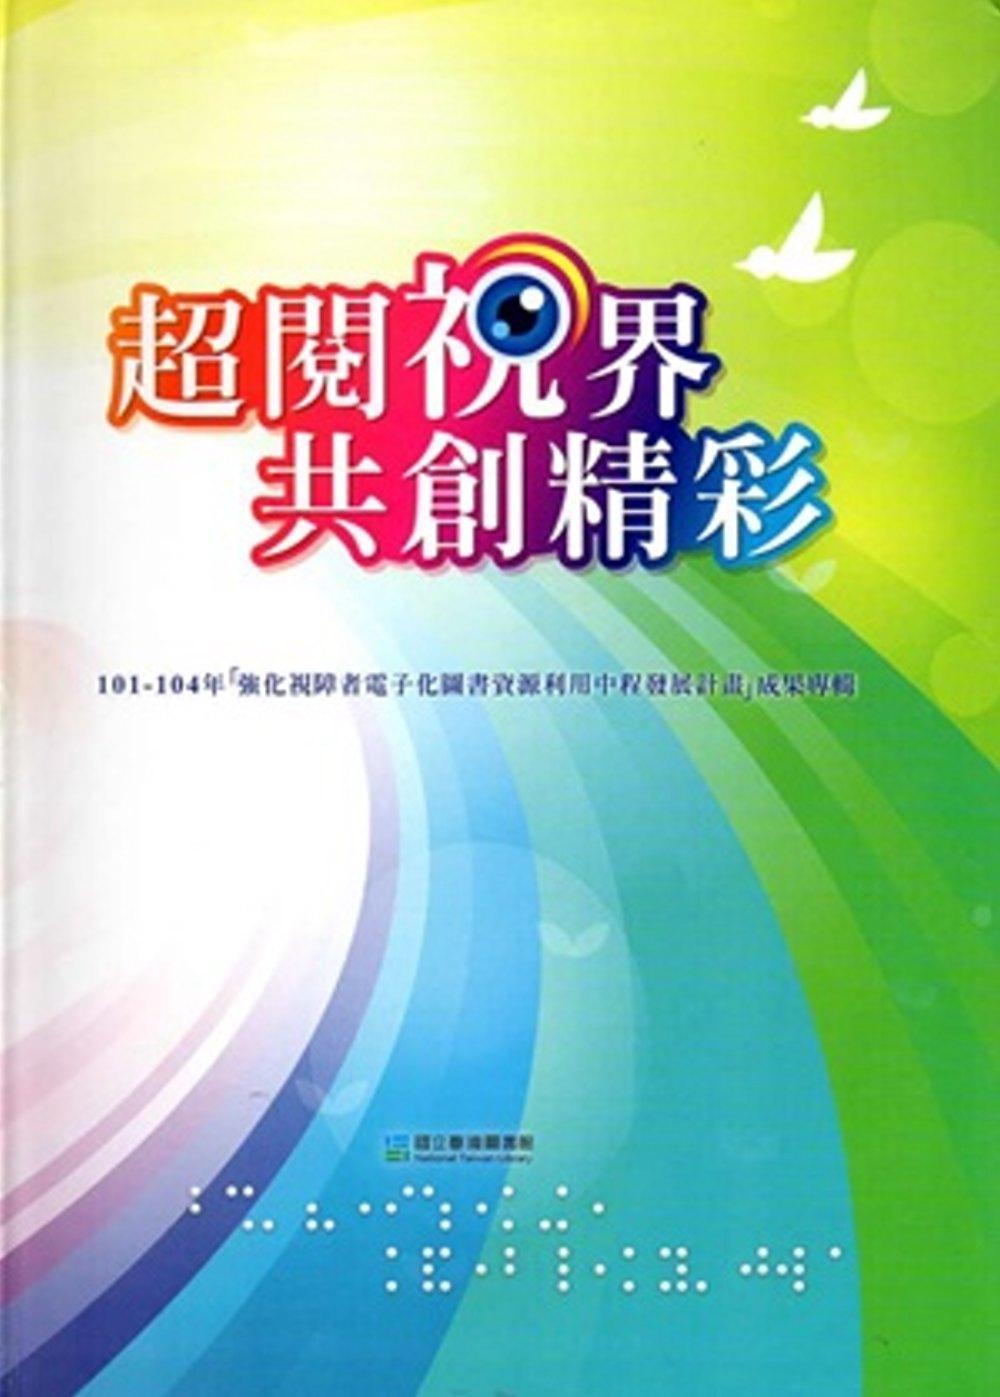 超閱視界 共創精彩:101~104年~強化視障者電子化圖書資源利用中程發展計畫~成果專輯